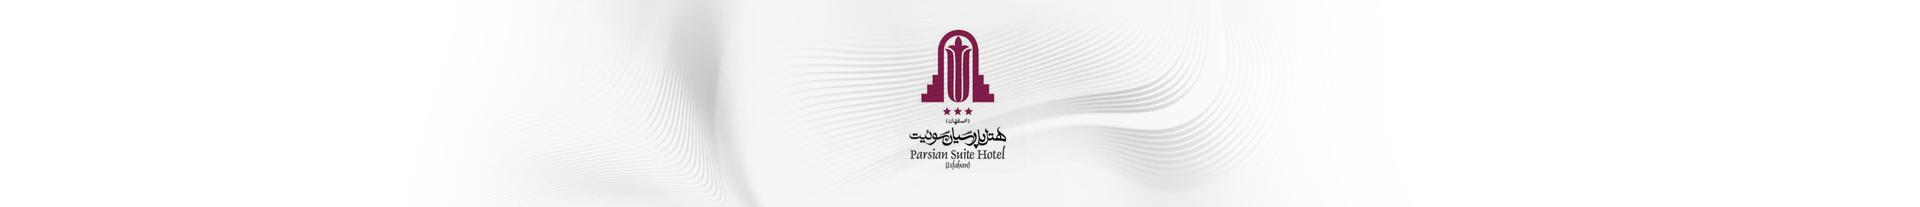 کد تخفیف هتل پارسیان سوئیت